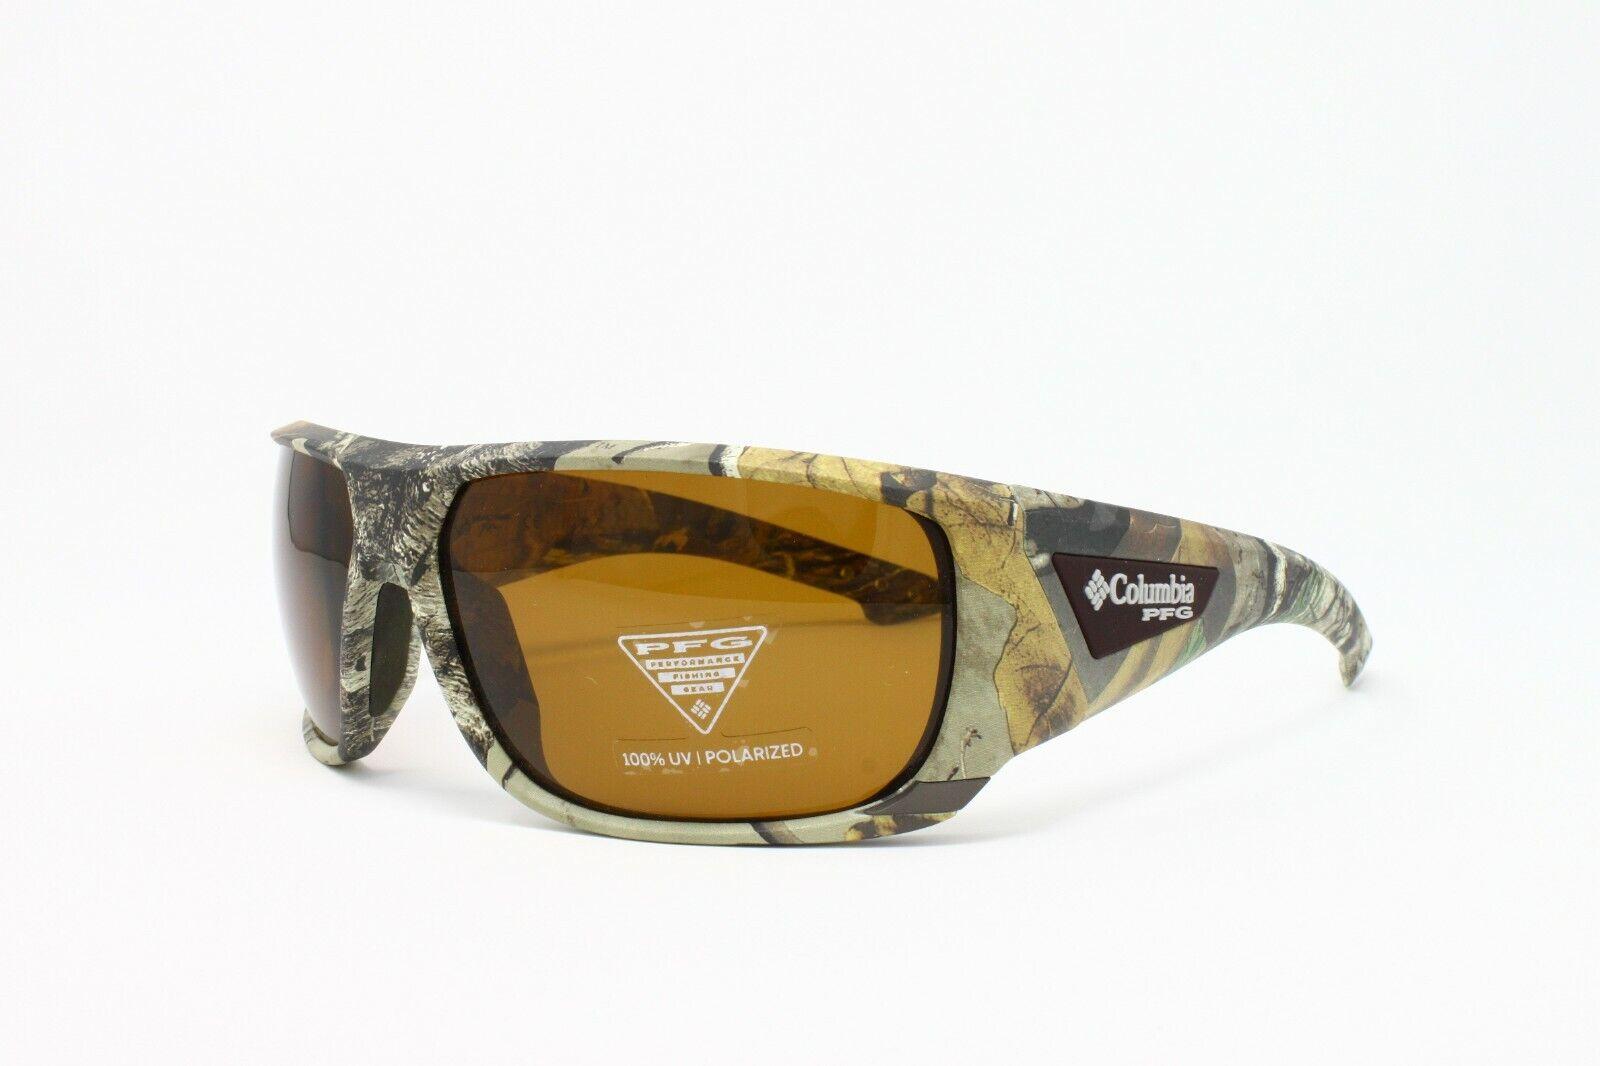 ! nuevo! Columbia Gafas de sol polarizadas C 508 Zap. Deportivas BLANCAS - 229 Arbor Pico Real Tree pfg 100% Uv